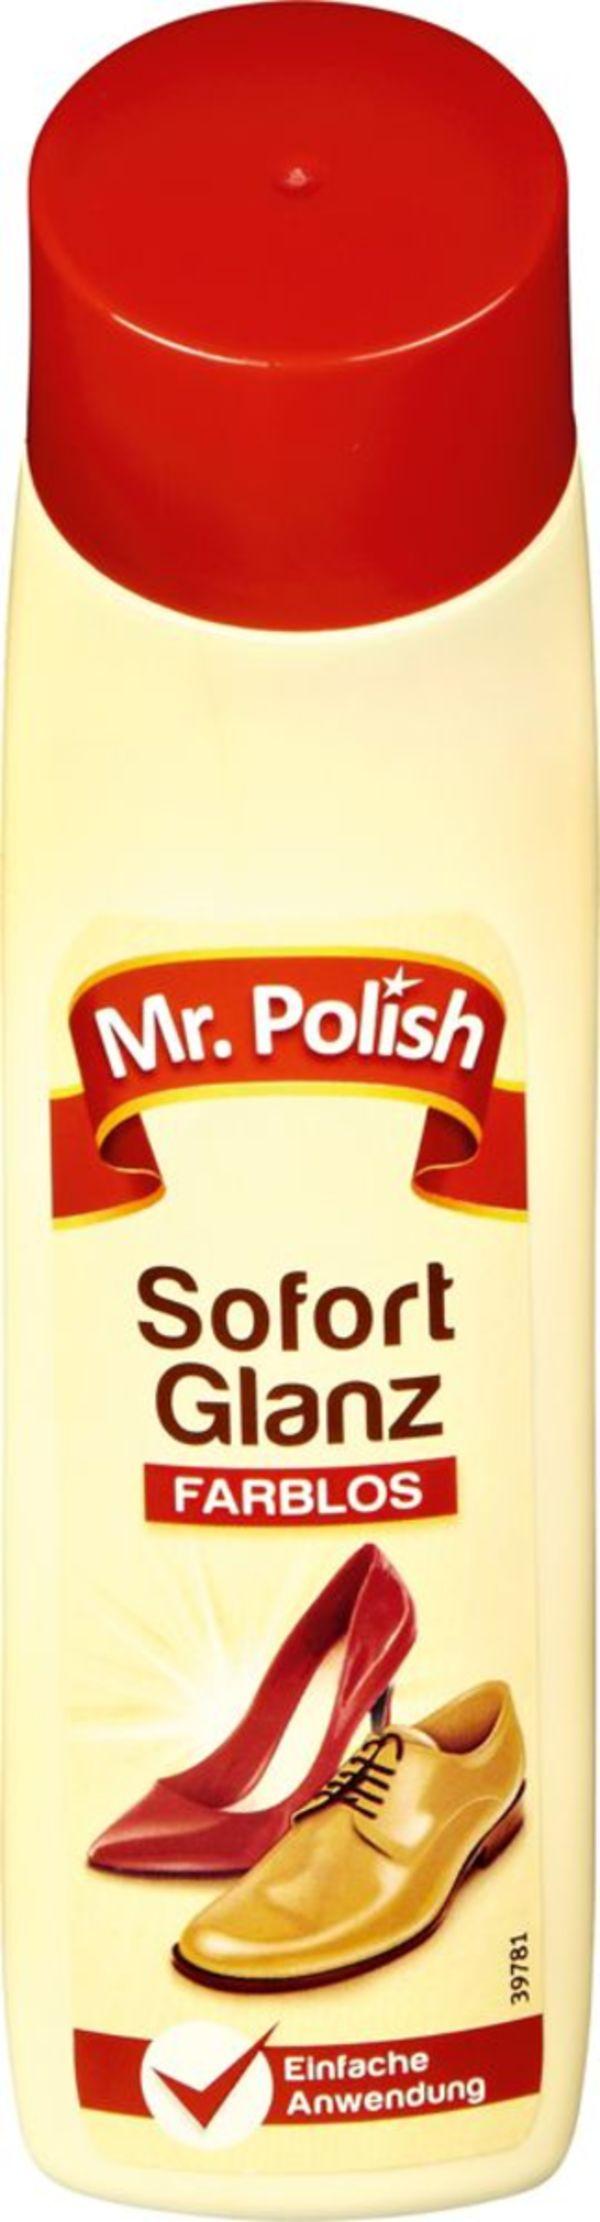 Mr. POLISH SCHNELLGLANZ FARBLOS, 75ml